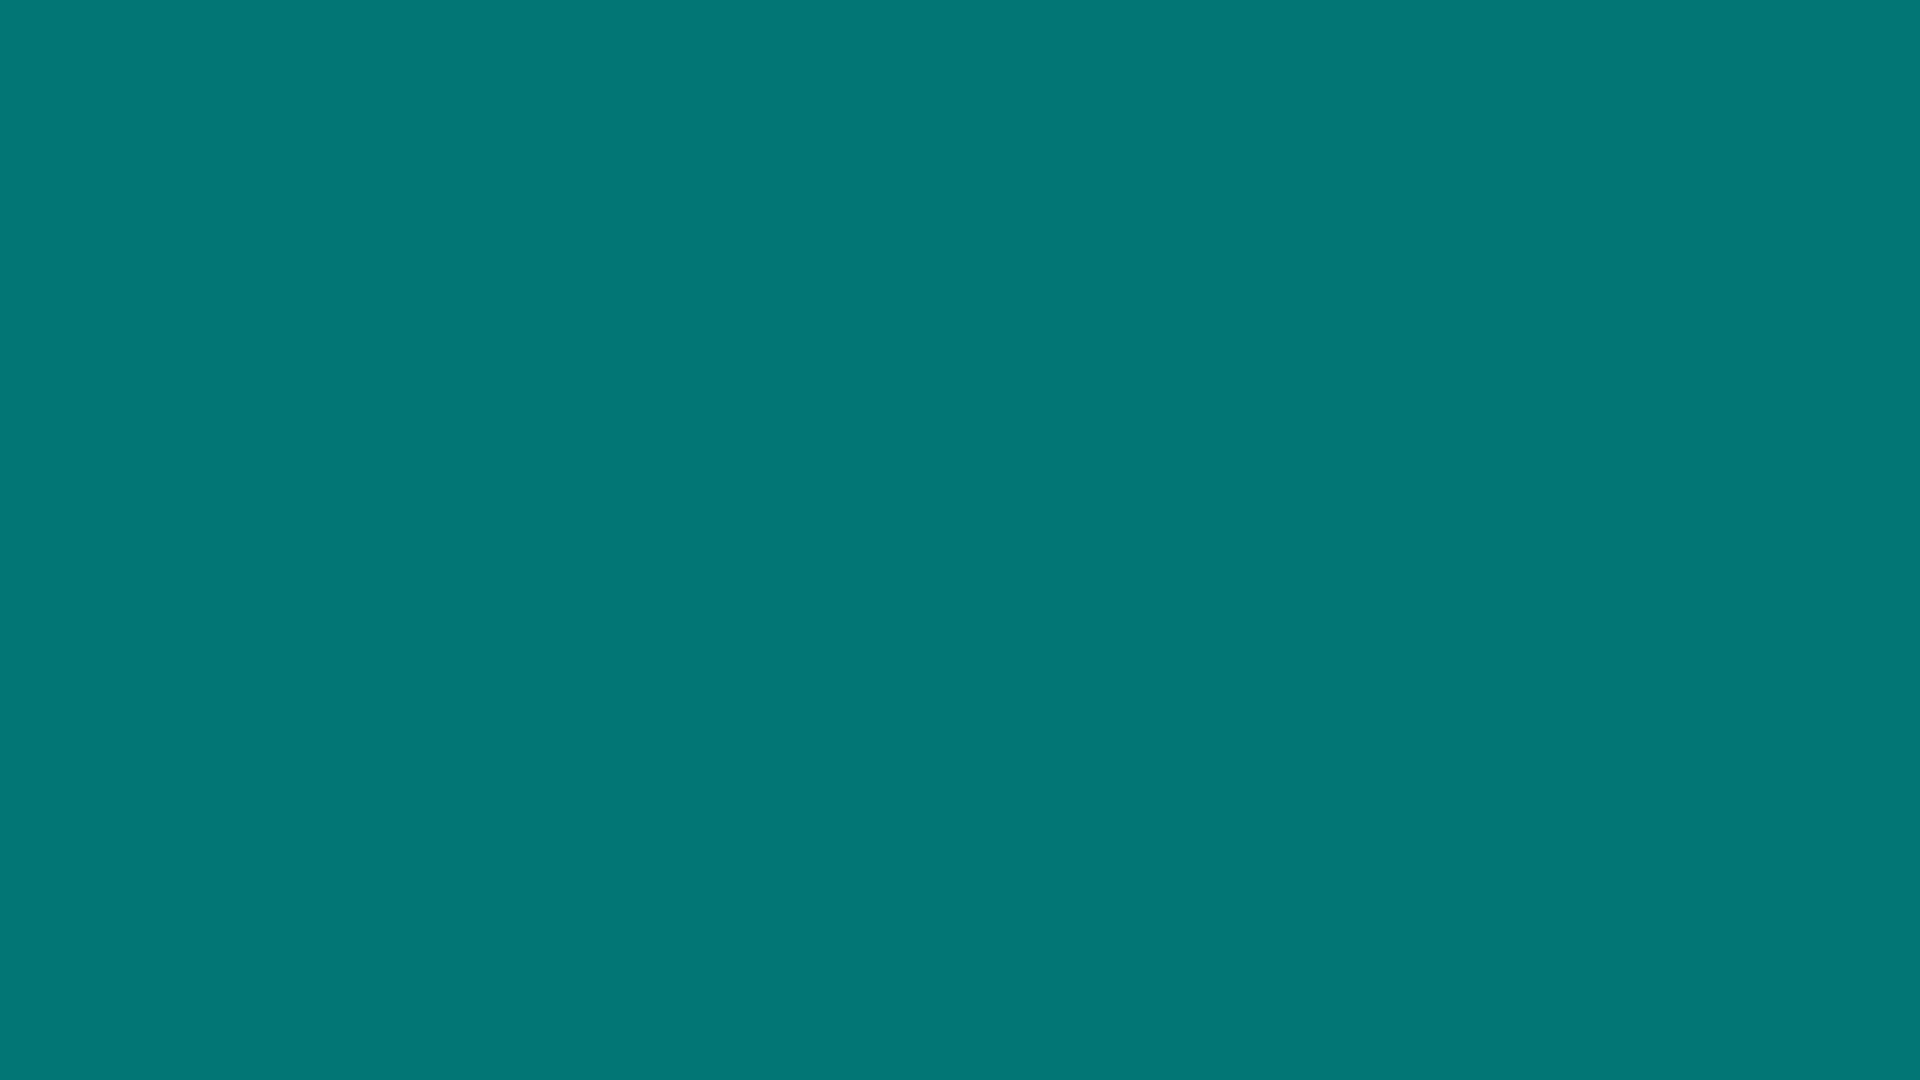 [공고] 서울대학교 아시아연구소    중점연구소 전임연구인력 모집 공고